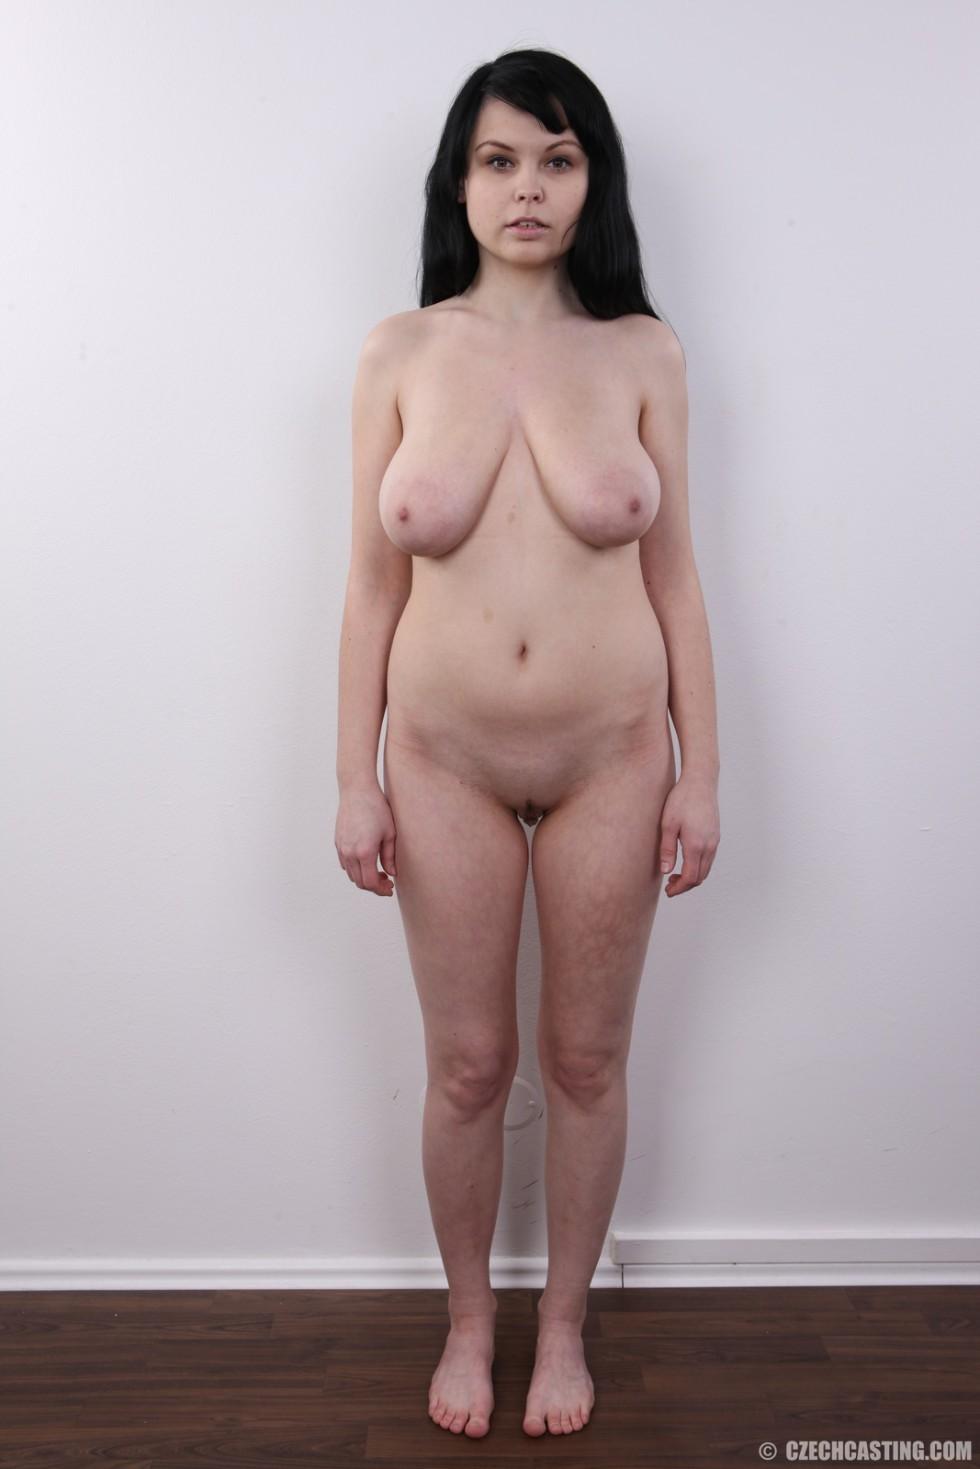 19-летняя темноволосая девка с широкой, висячей грудью фотографируется на кастинге